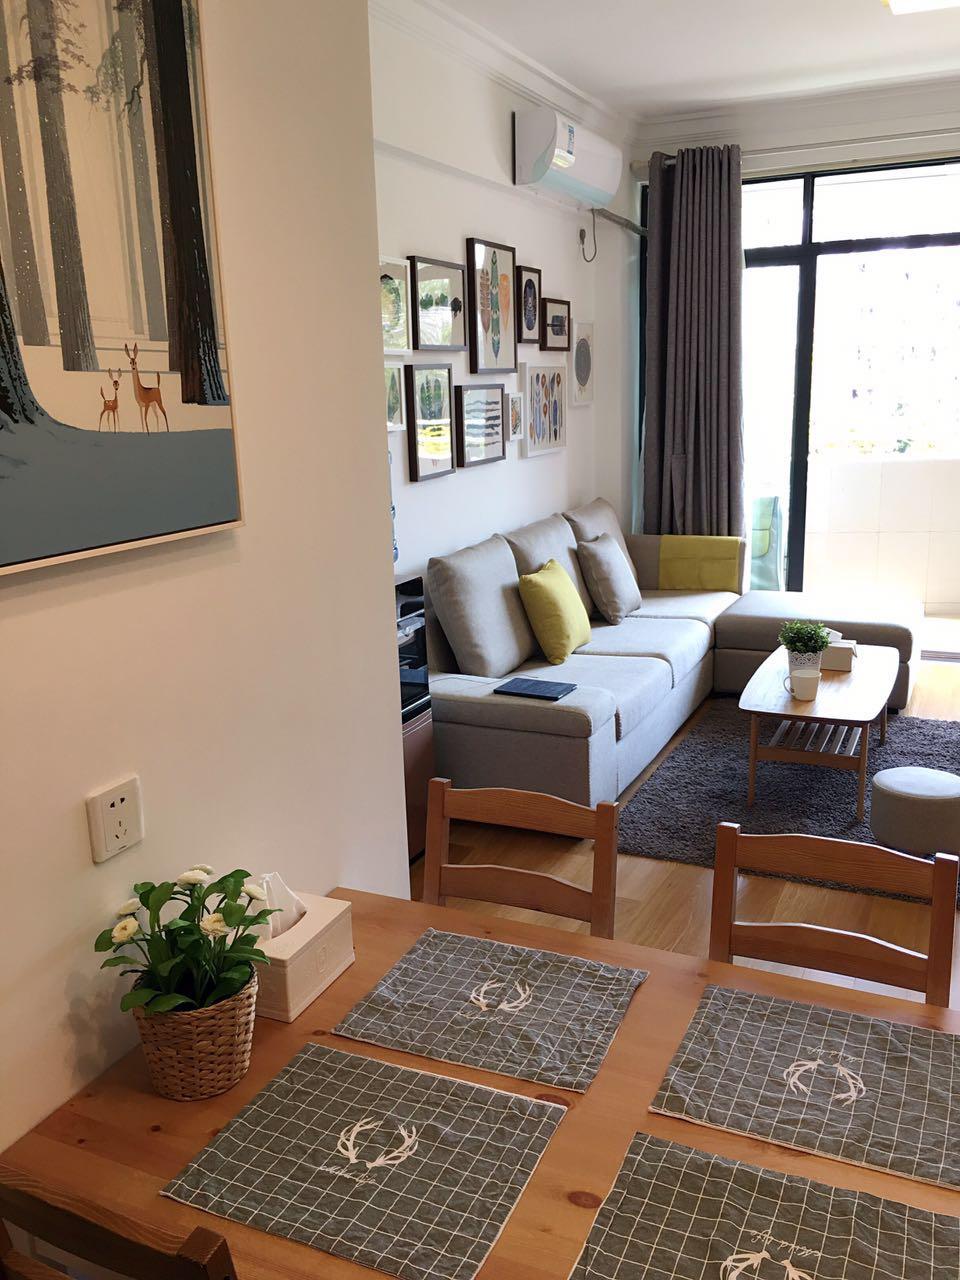 白色的墙面与深灰色的地毯奠定了空间的基础色调,冷灰色的沙发在空间中最为突出。